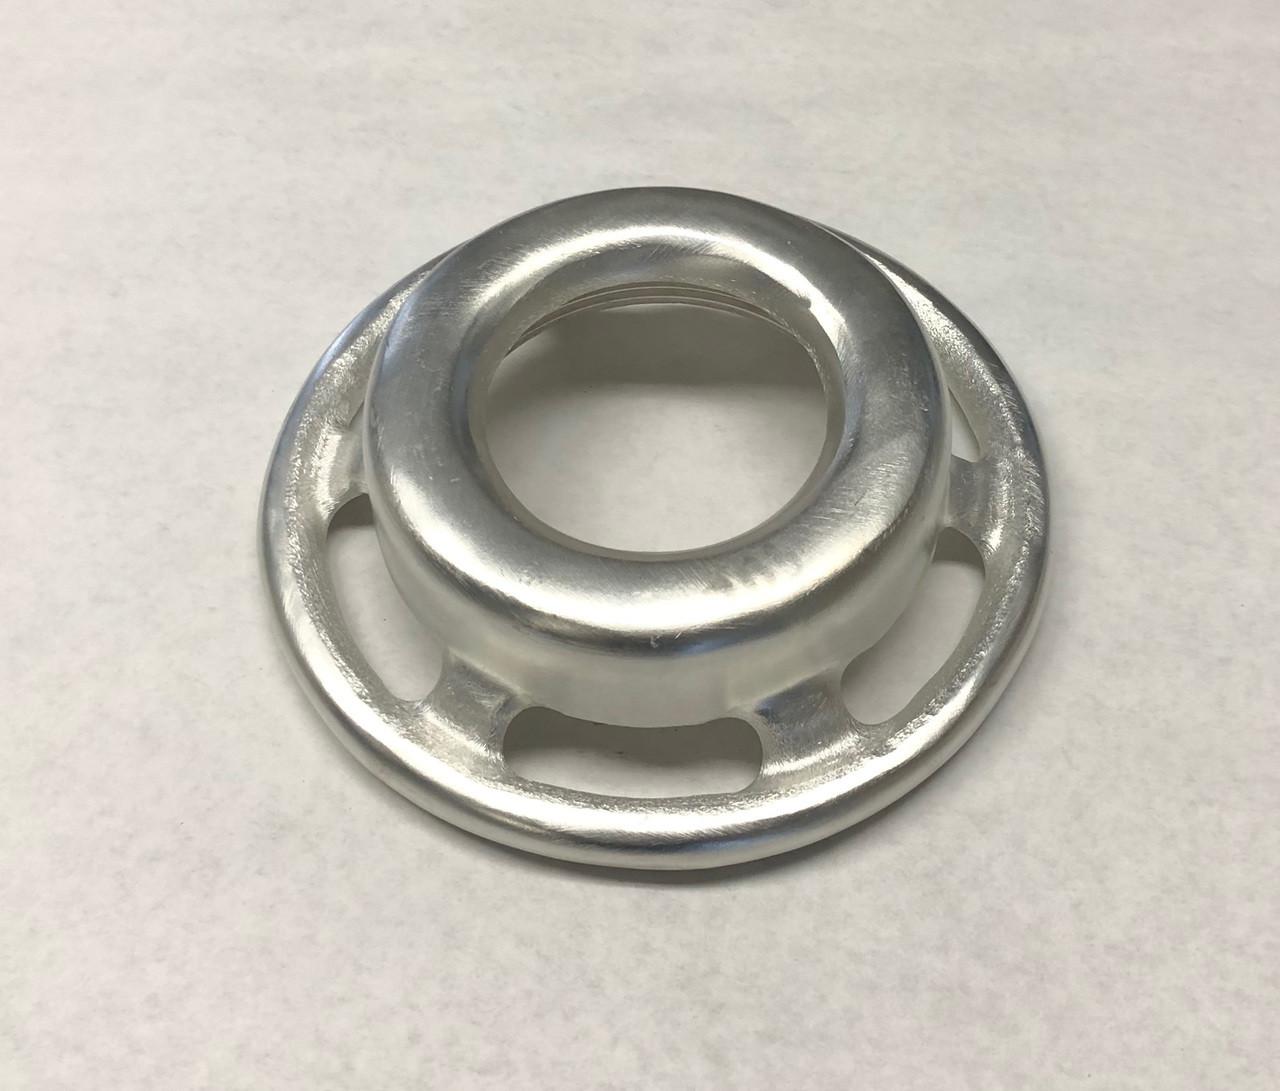 ProCut KG-32, KG-32MP & KG-32XP - Ring - M570386